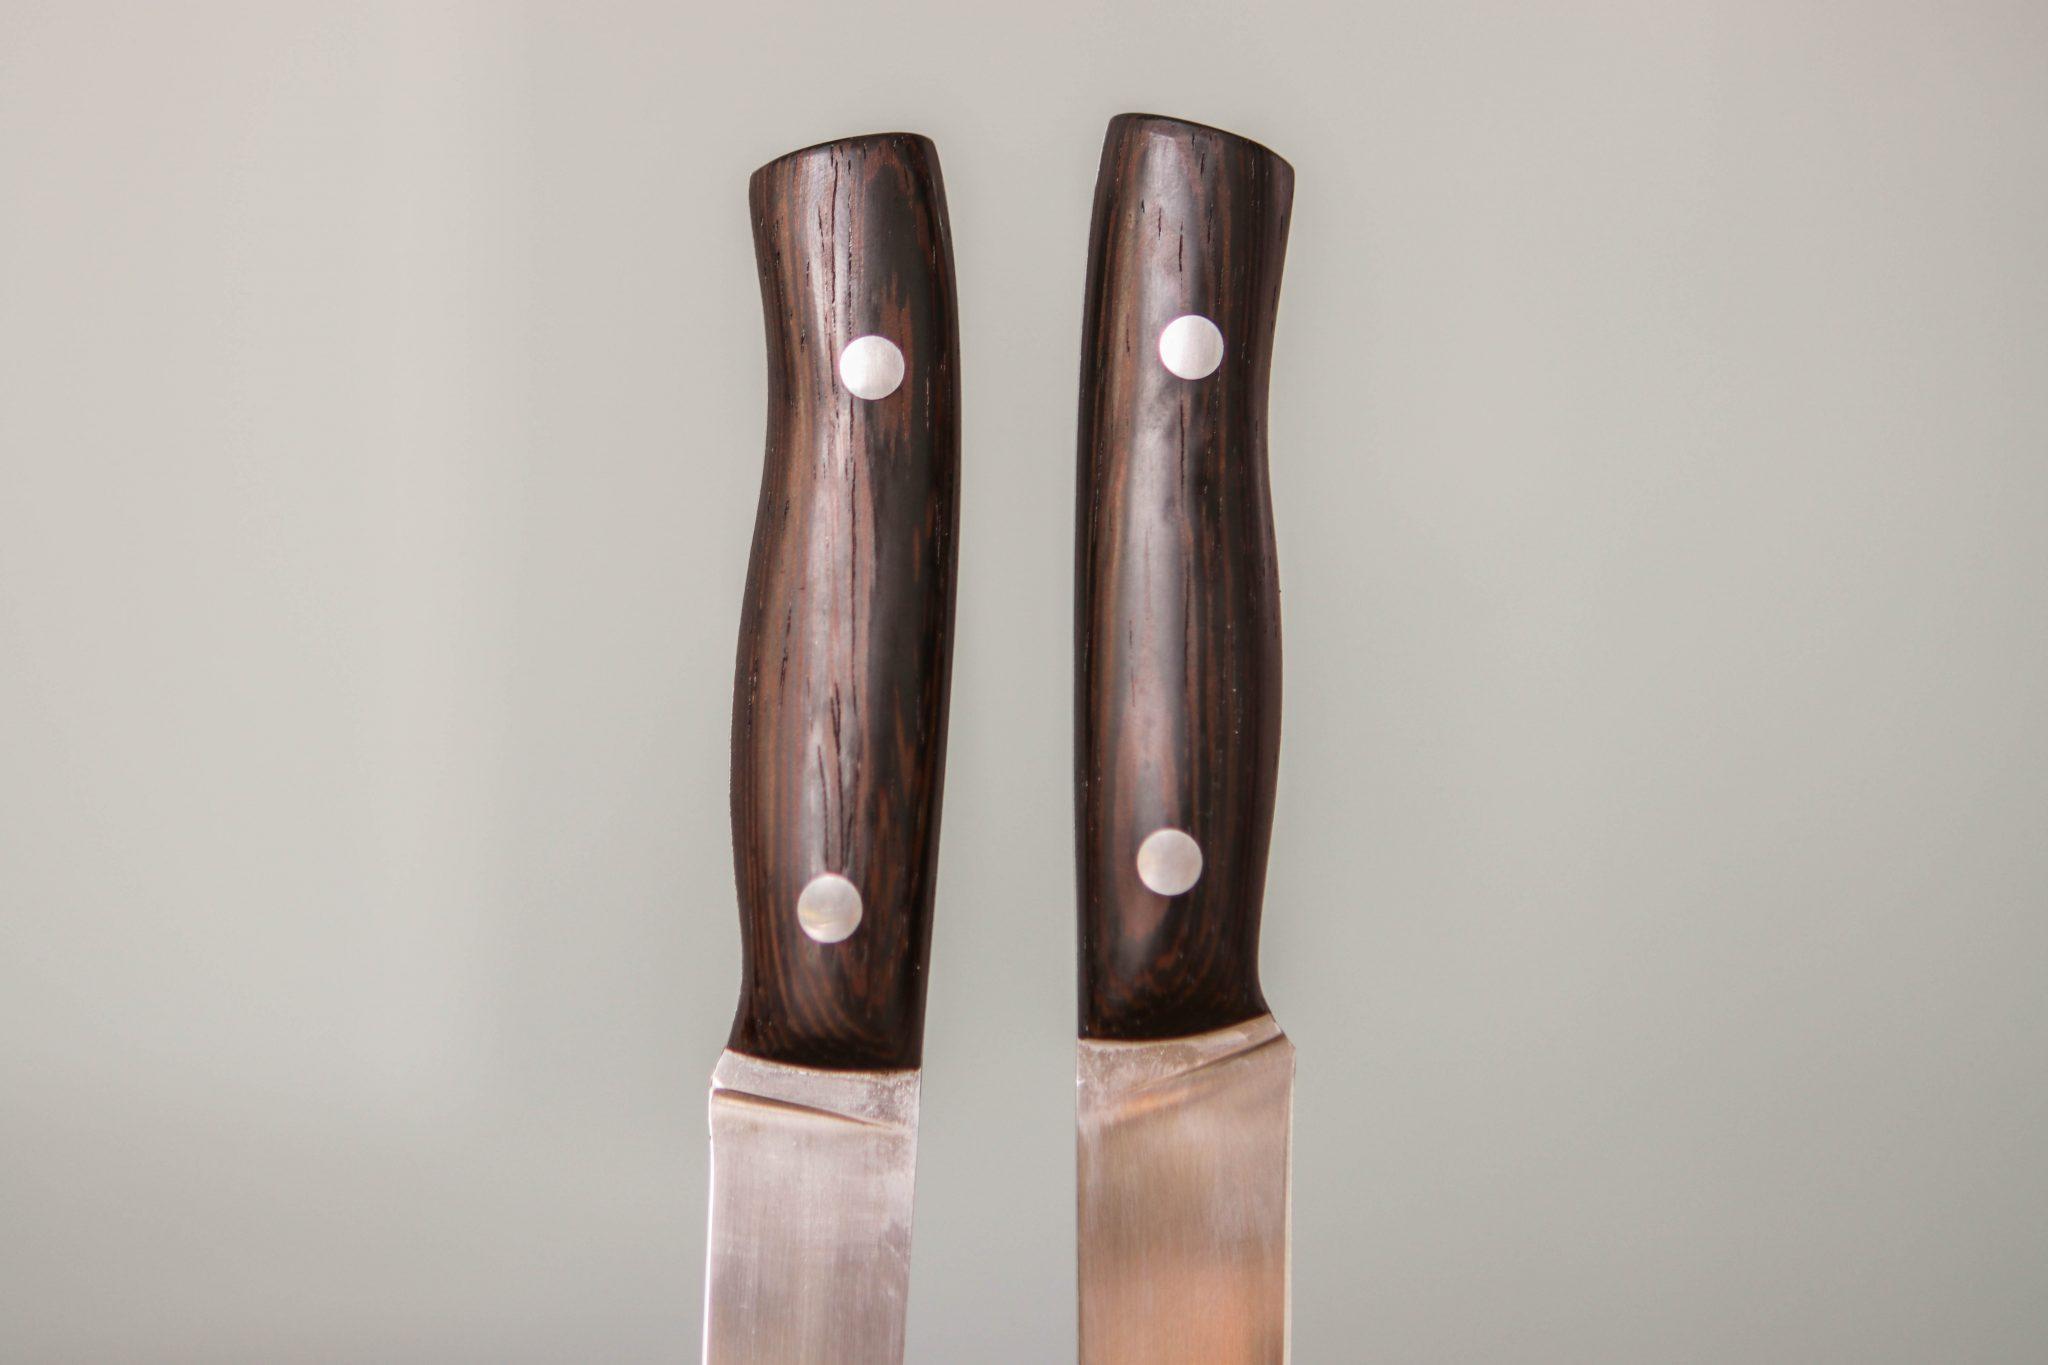 Lander Verschueren mes messen zelfgemaakt handgemaakt wapen staal metaal metaalbewerking smeden smeed smid leer leren hoes schede patattenmes